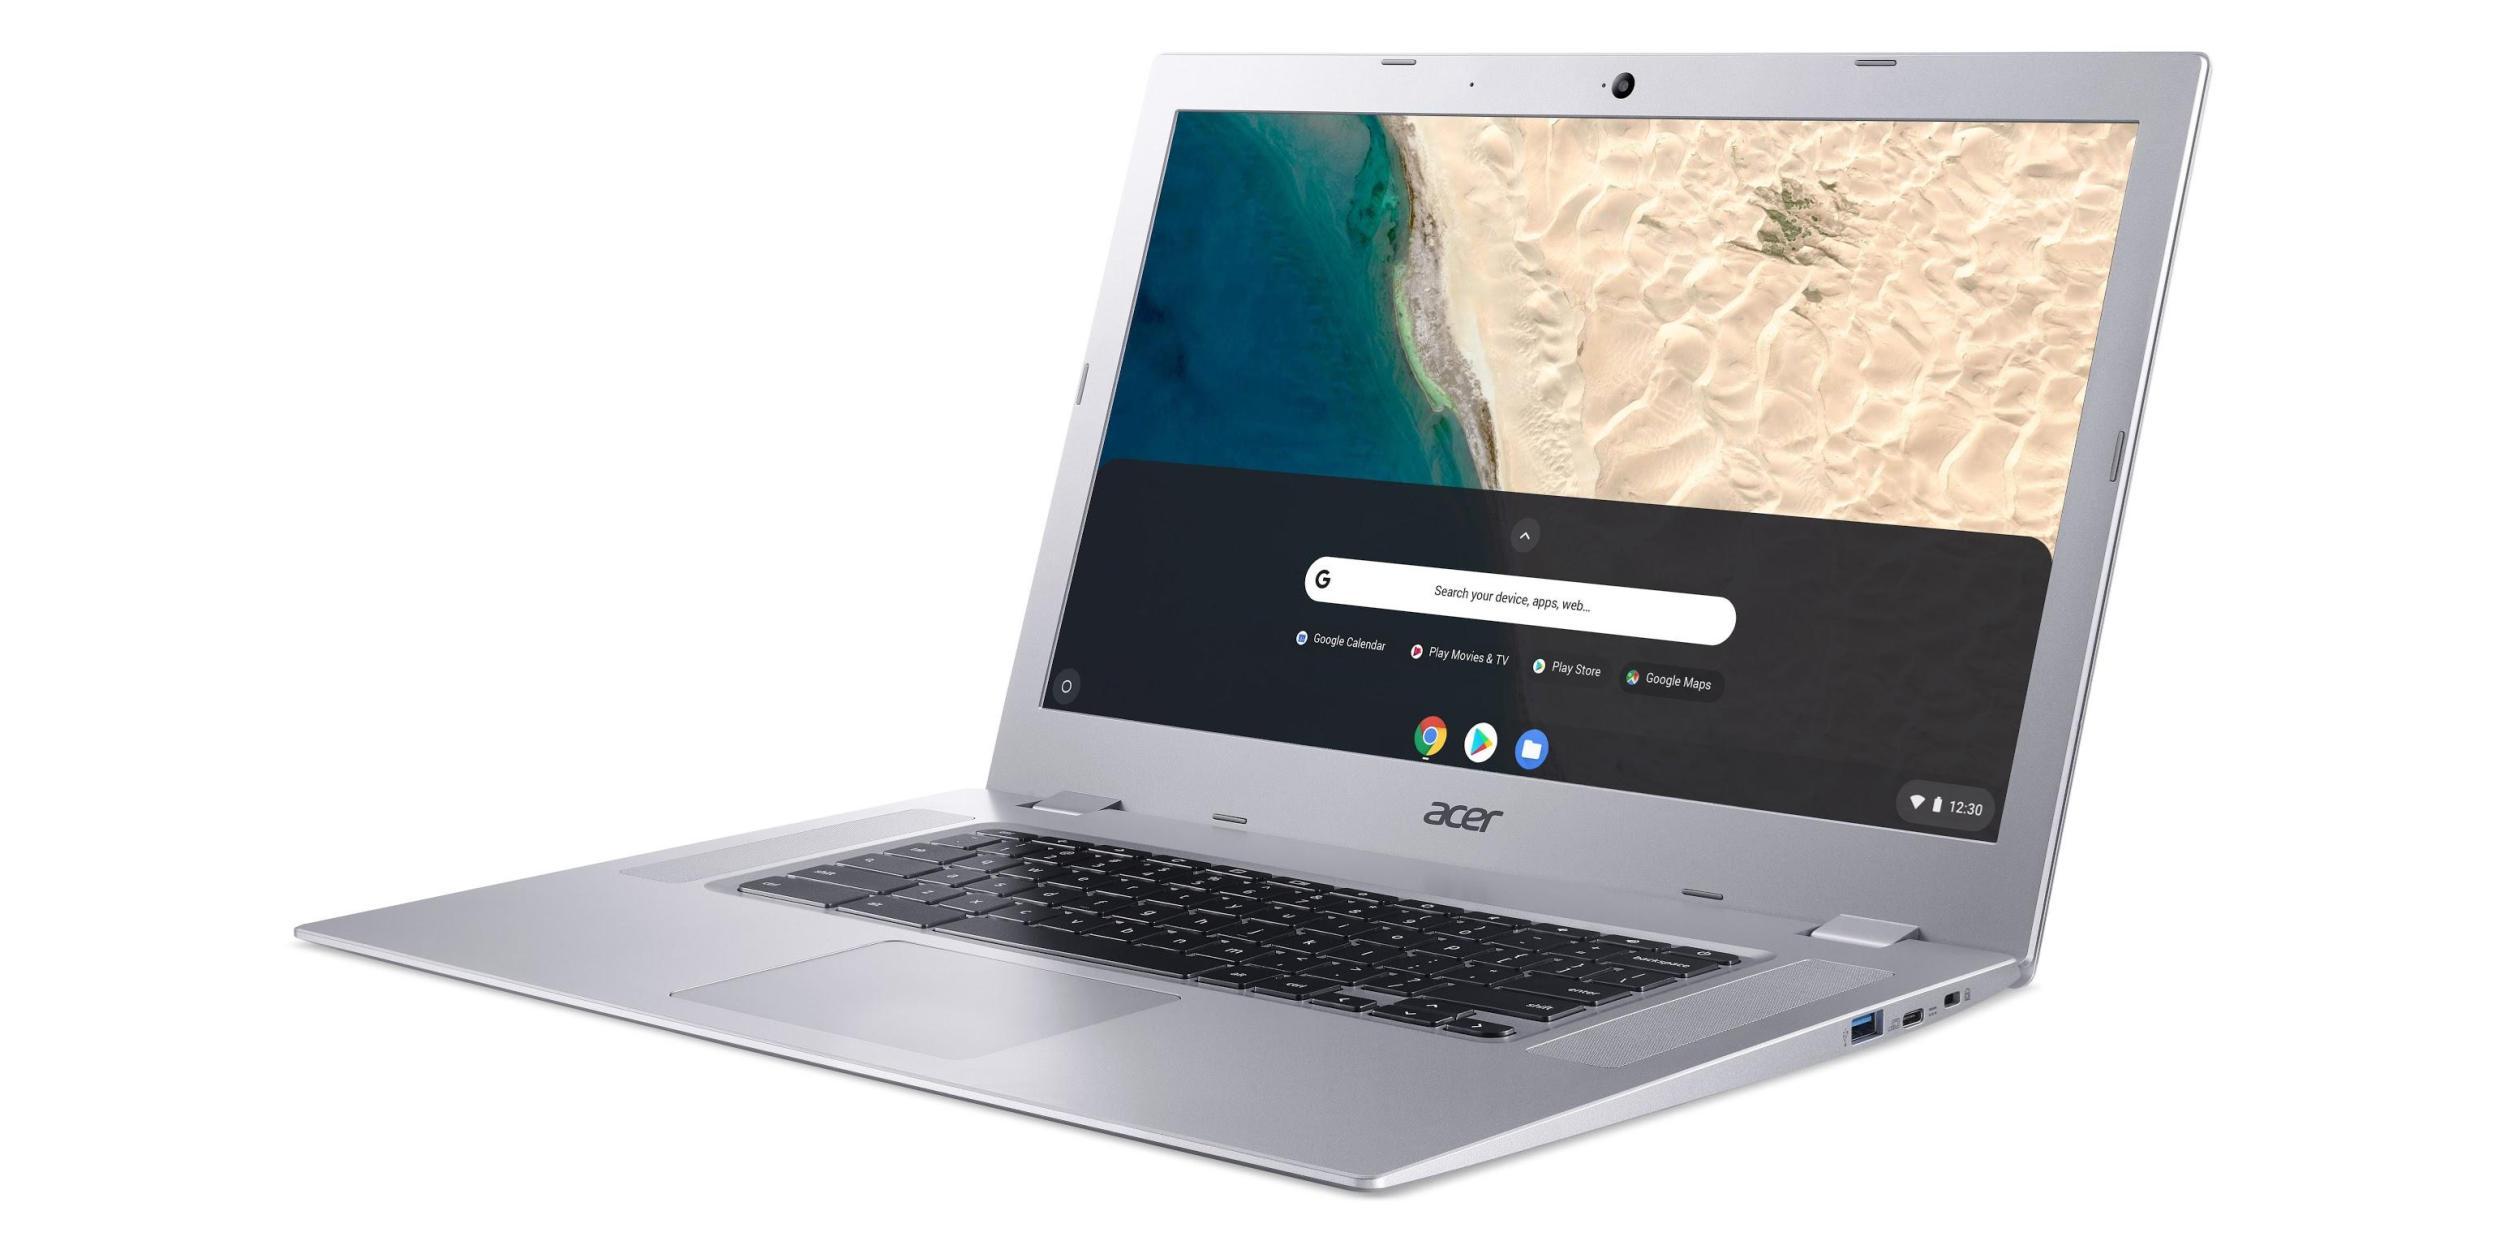 Das Chromebook 315 von Acer ist eines der ersten von AMD betriebenen Chrome OS-Geräte